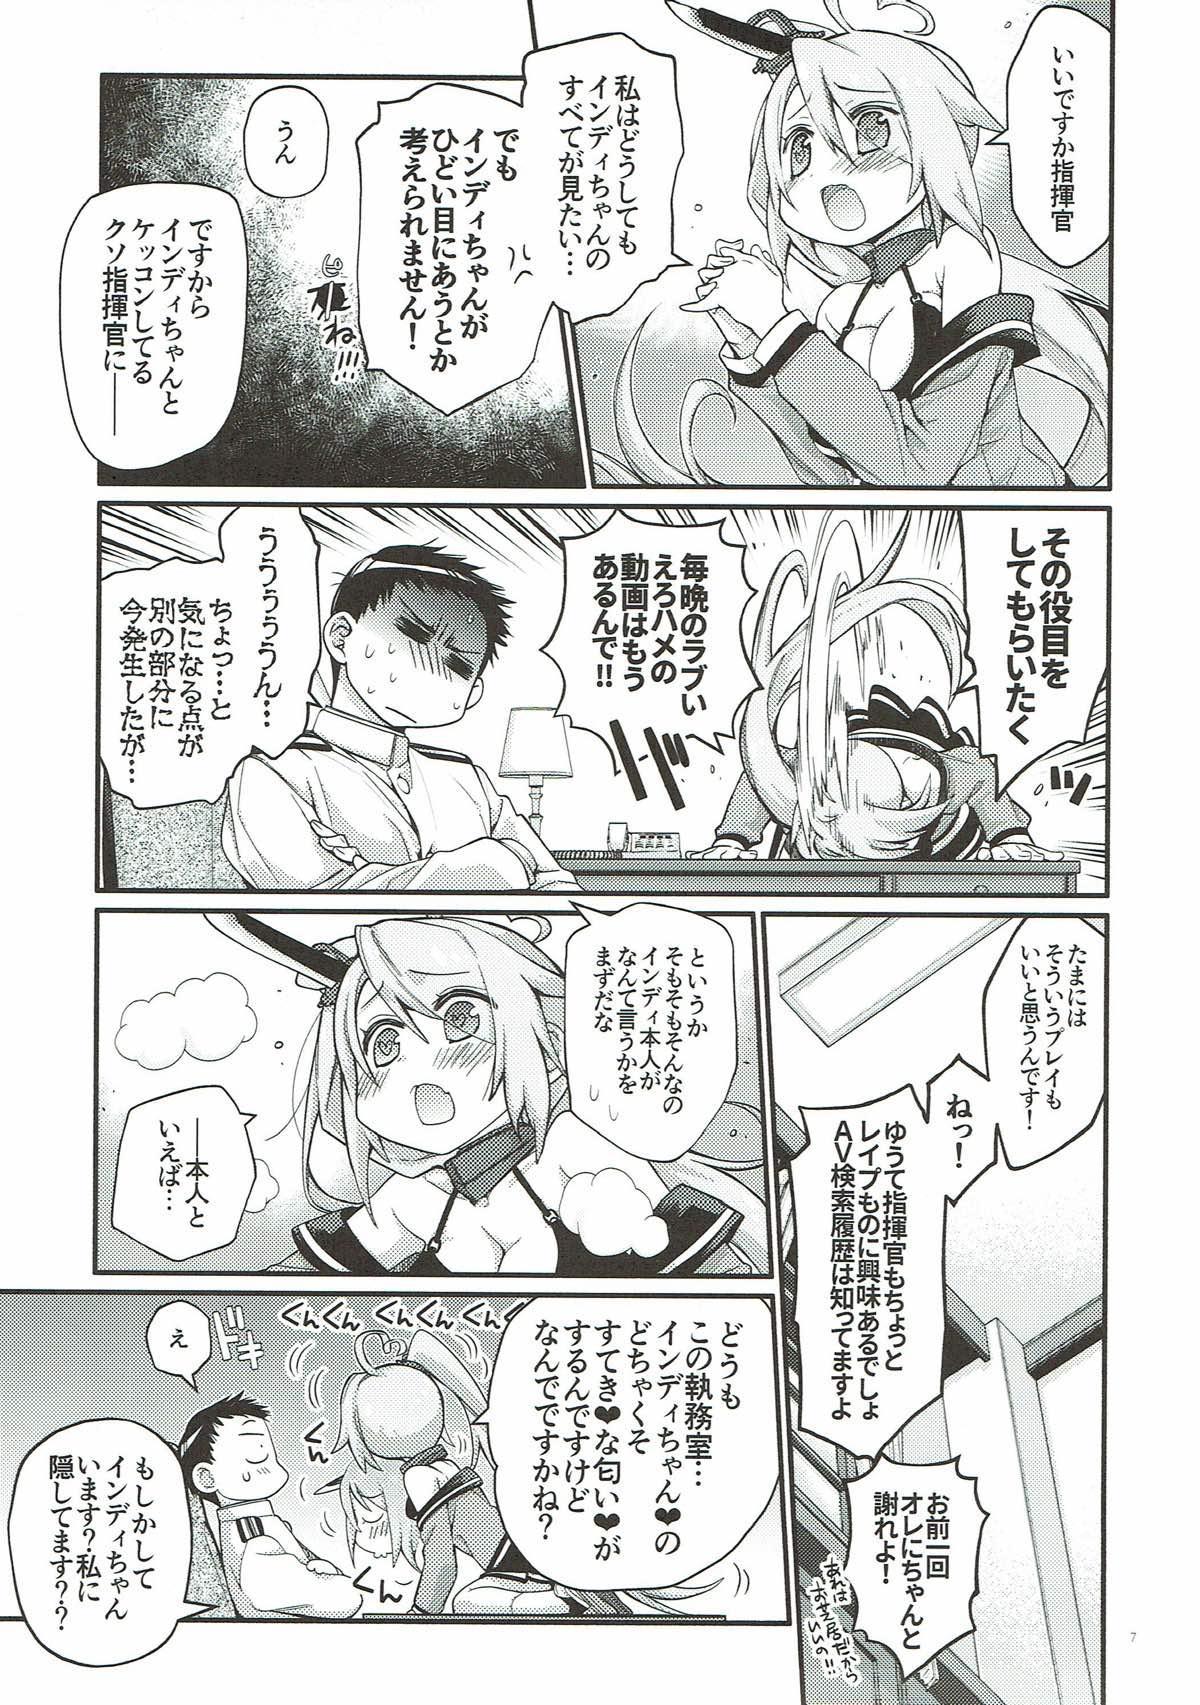 Uchi no Imouto wa Sekaiichi Kawaiin desu kedo! - My sister is a GODDESS! 3